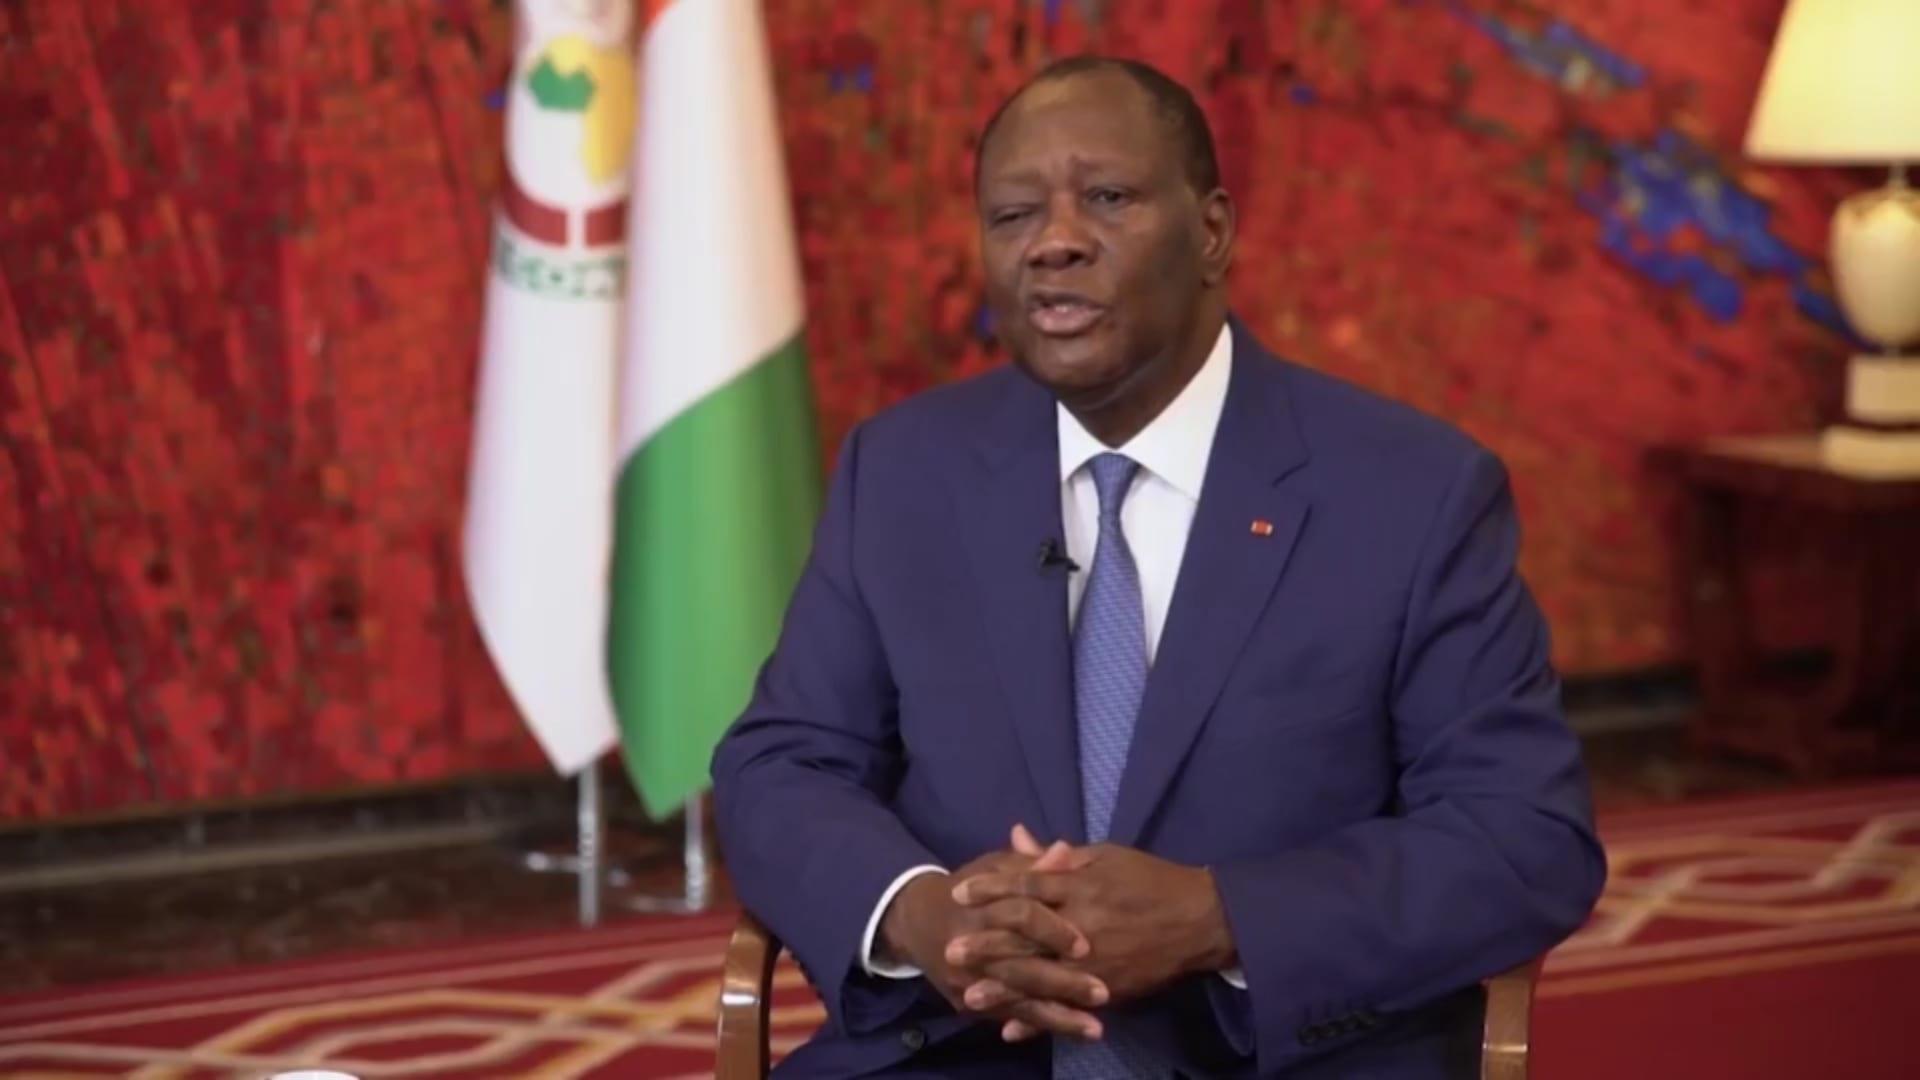 """الرئيس الإيفواري يرد على اتهامات بالقمع.. وفرنسا """"تضحي بالديمقراطية مقابل الاستقرار"""""""